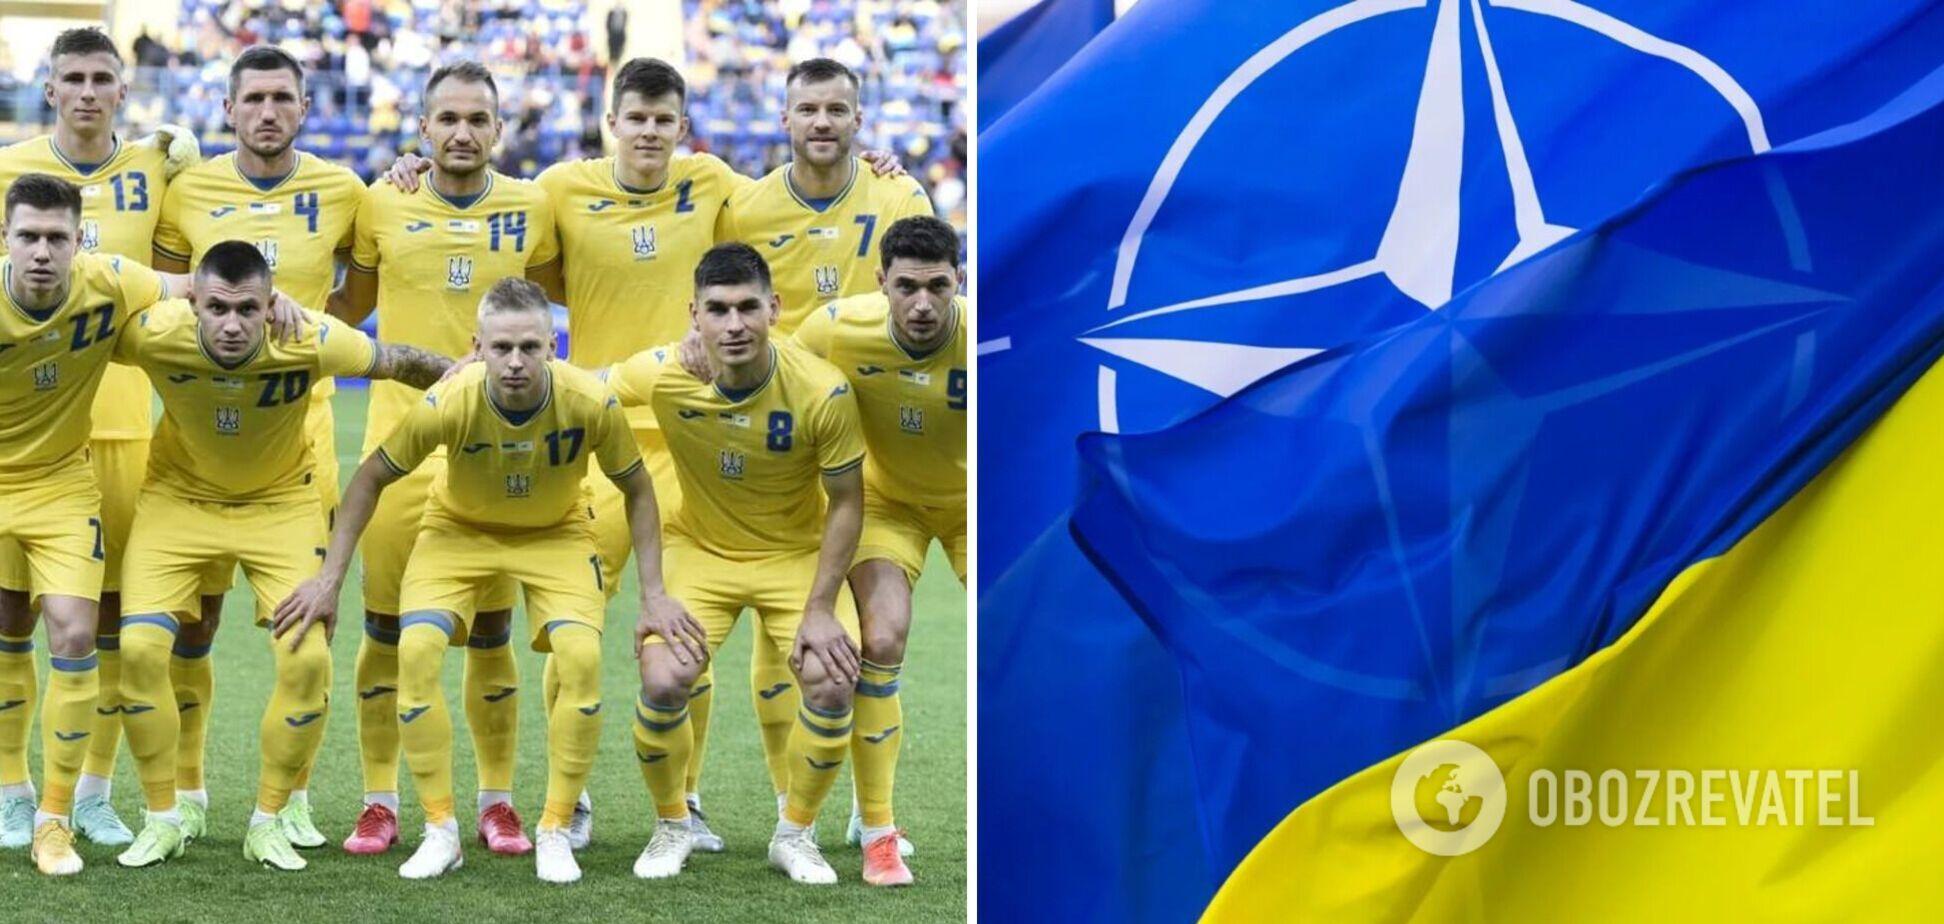 Новини України: збірна зіграє перший матч на Євро-2020, а в 'Слузі' висловилися щодо ПДЧ у НАТО